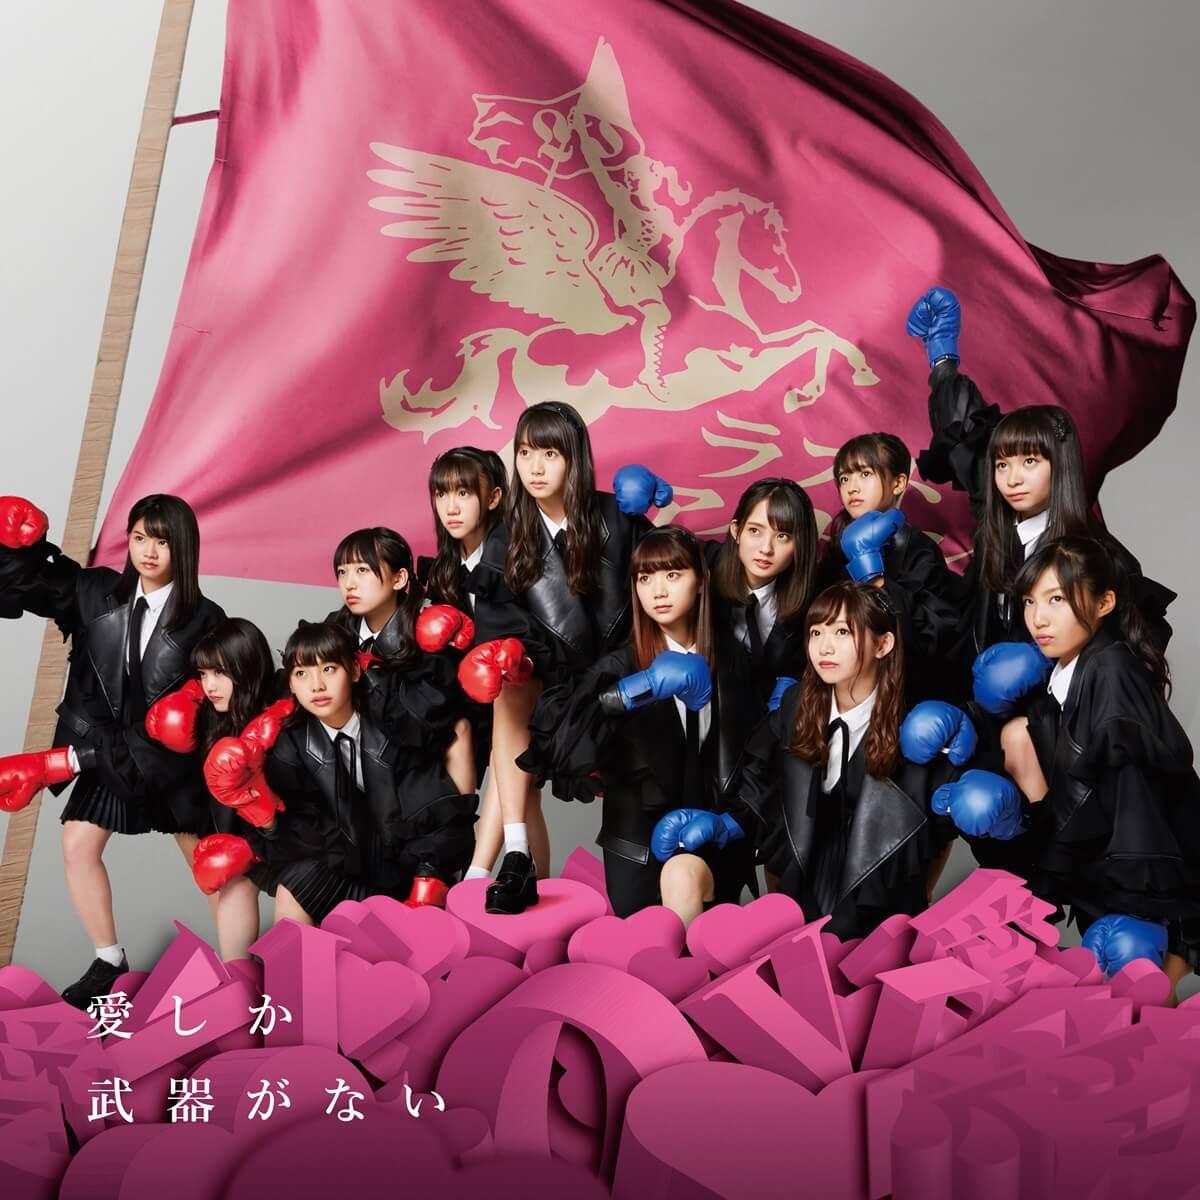 ラストアイドル、5thシングル『愛しか武器がない』ジャケット写真含む詳細発表サムネイル画像